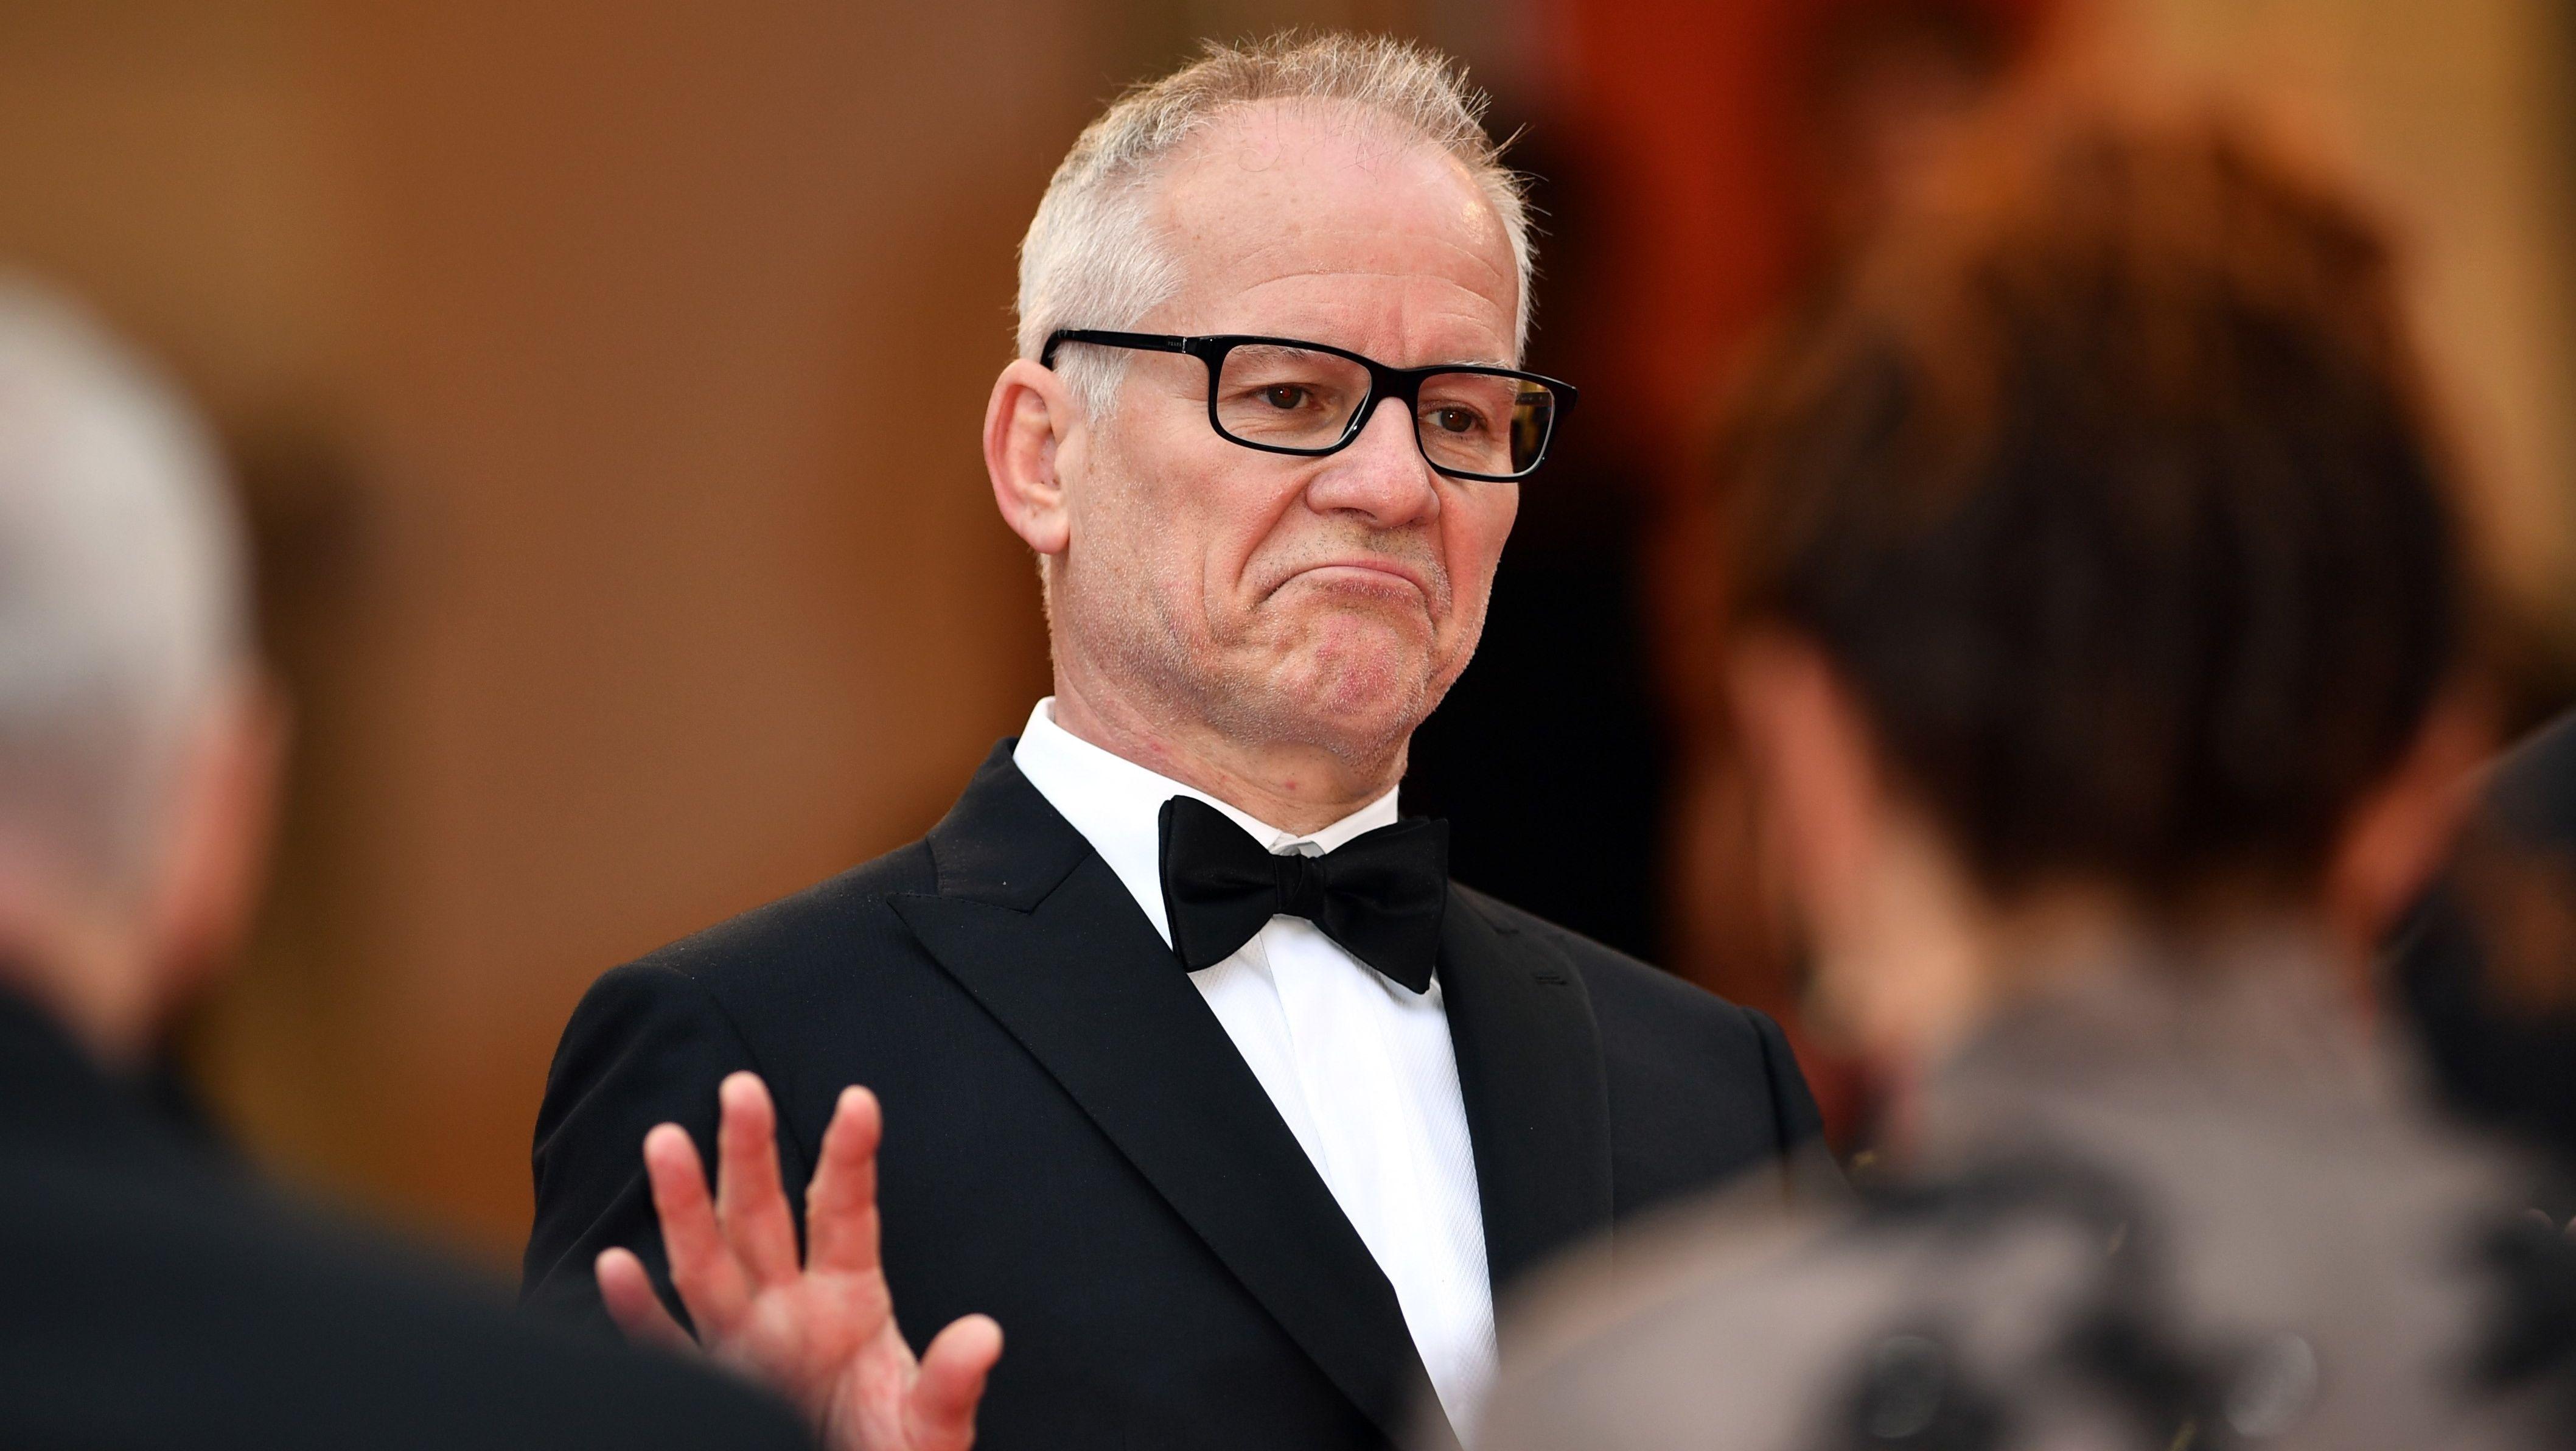 Festivalleiter Thierry Frémaux trägt einen Smoking und macht eine abweisende Geste